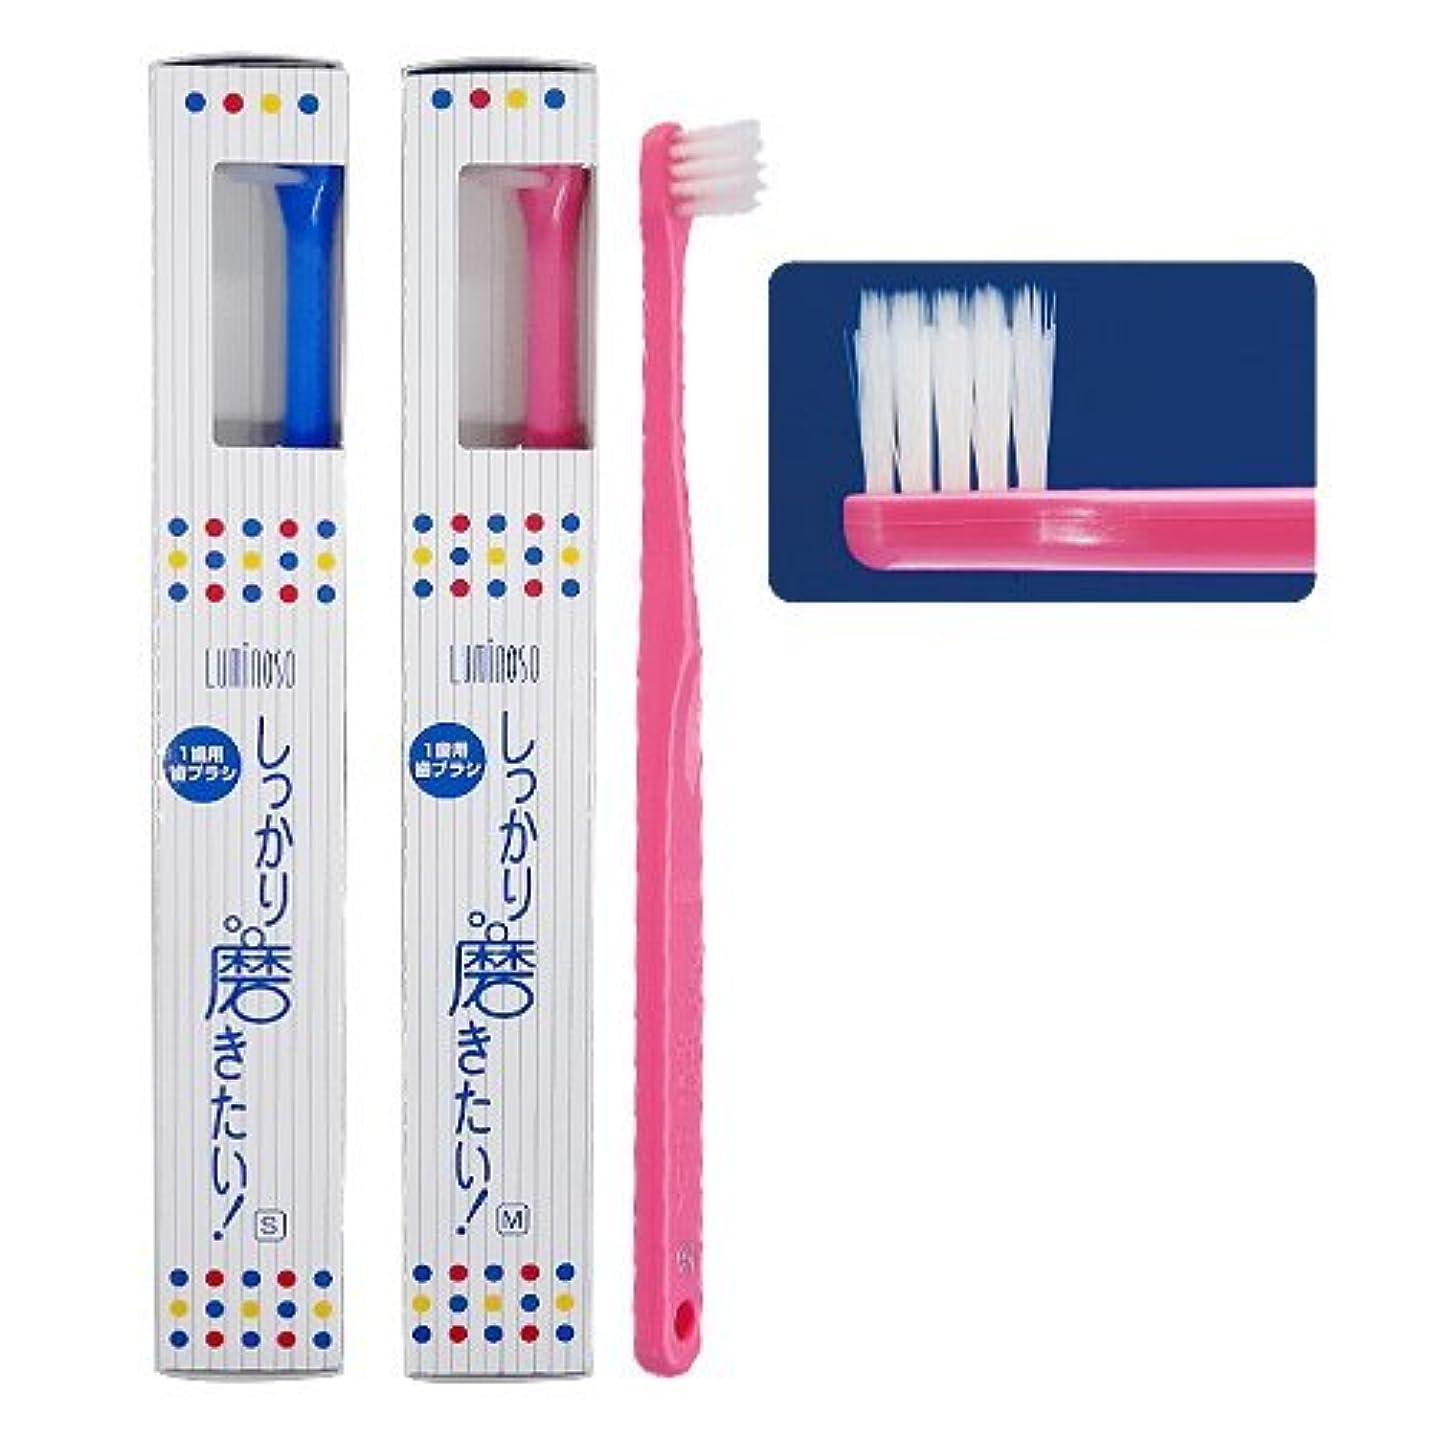 くさび群れ人質ルミノソ 1歯用歯ブラシ「しっかり磨きたい!」スタンダード ミディアム (カラー指定不可) 5本